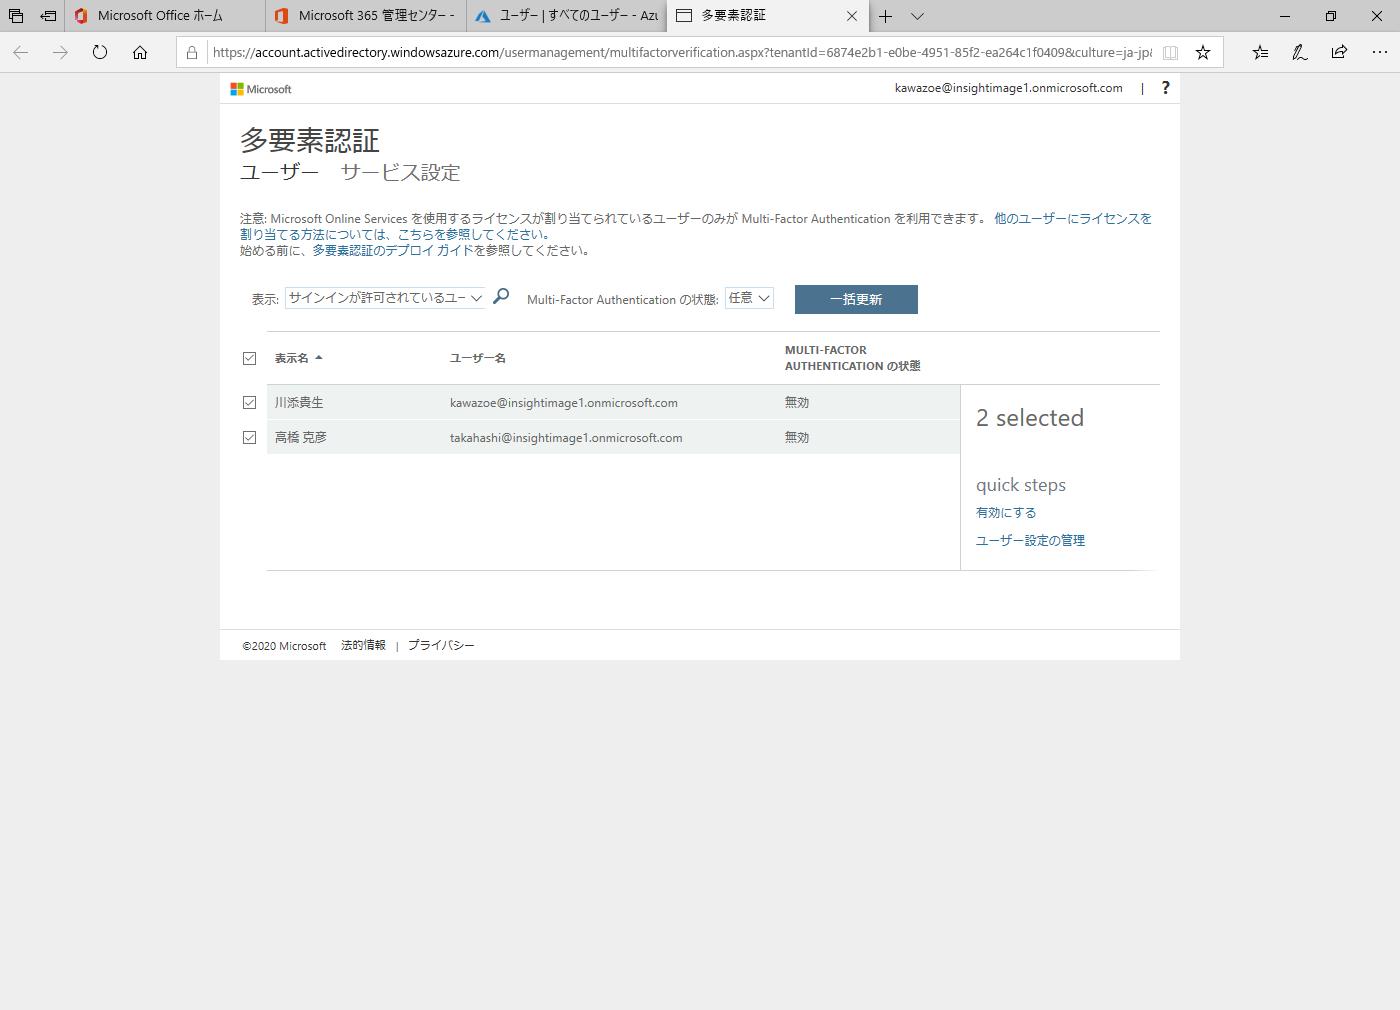 多要素認証の画面が開くので、多要素認証を有効にするユーザーにチェックマークを付け、「有効にする」のリンクをクリックする